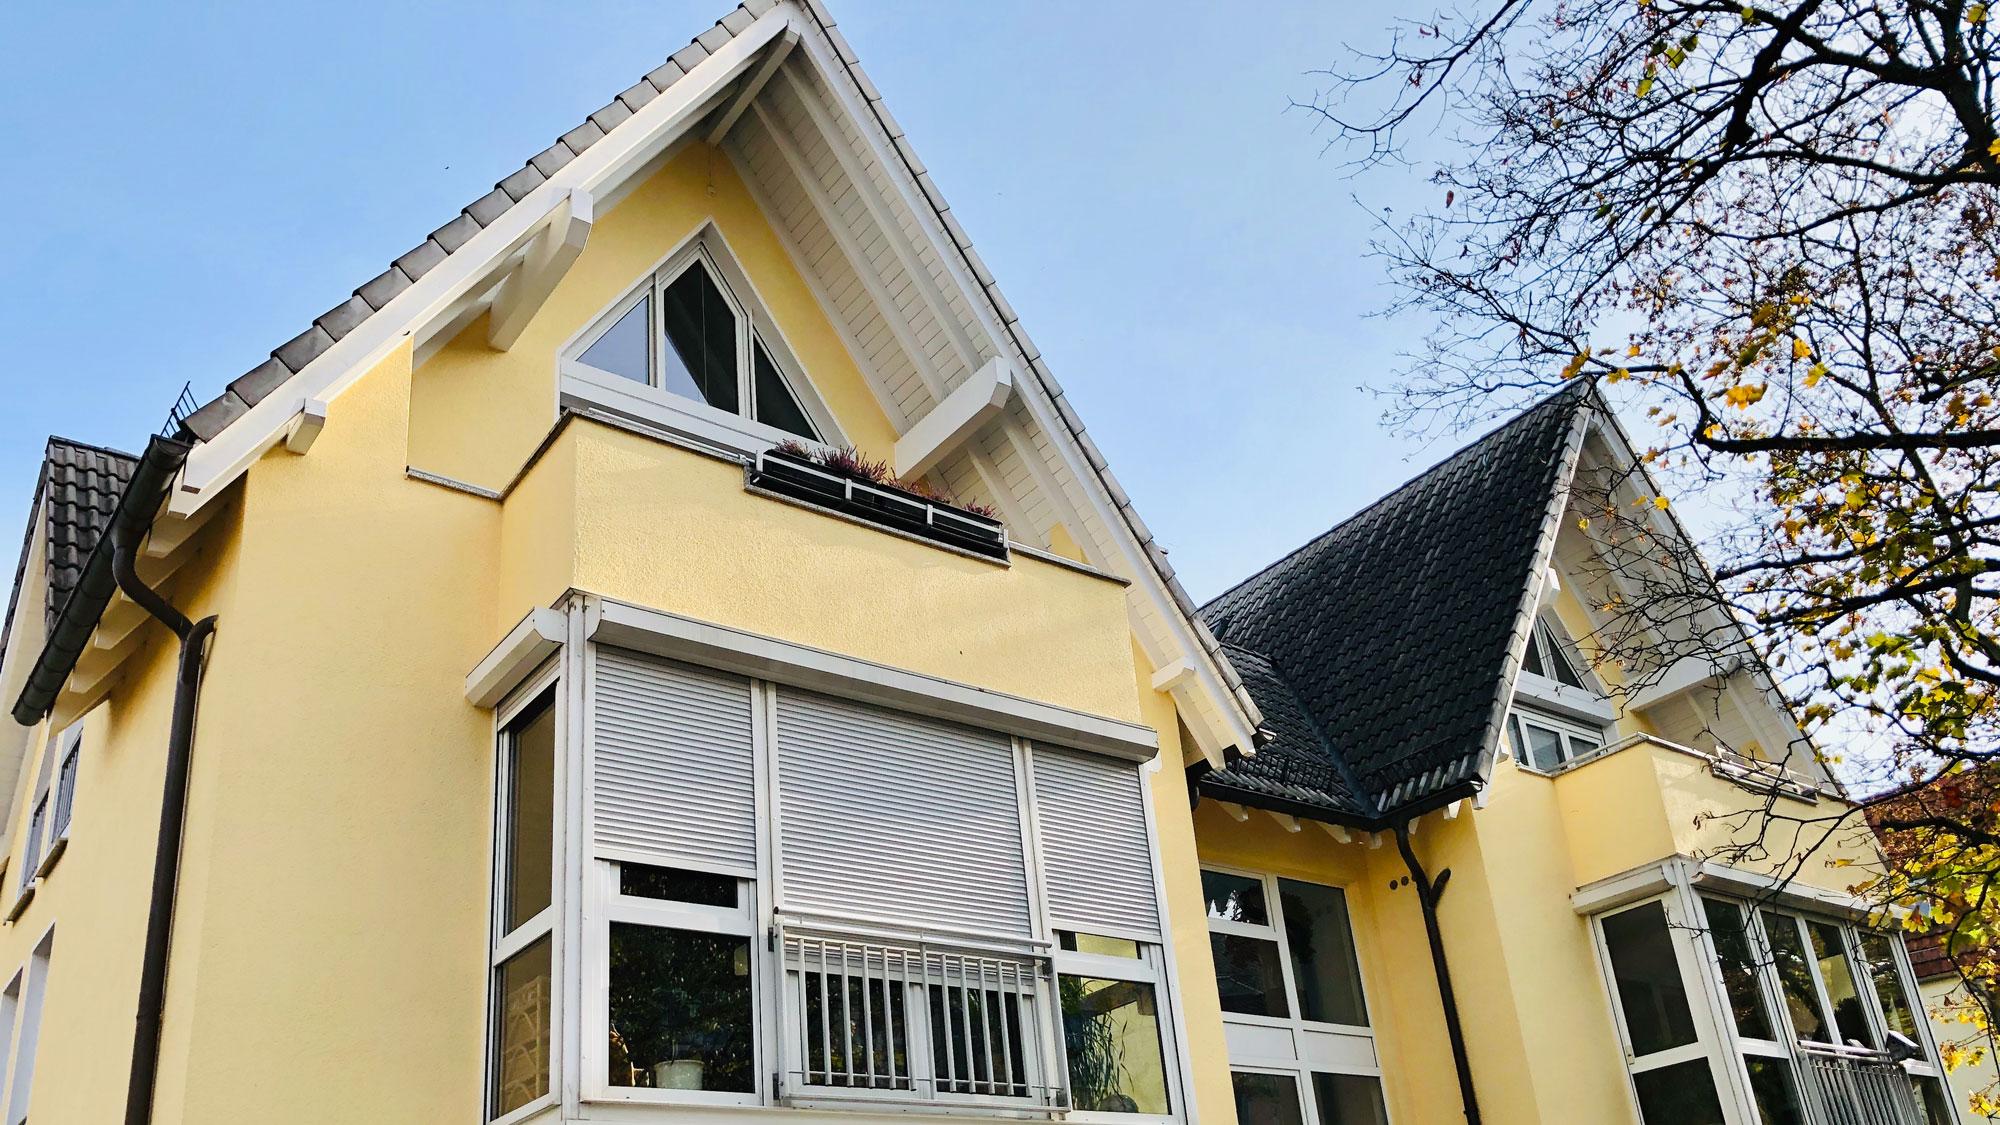 Wohnungsbau_Berlin_b-1